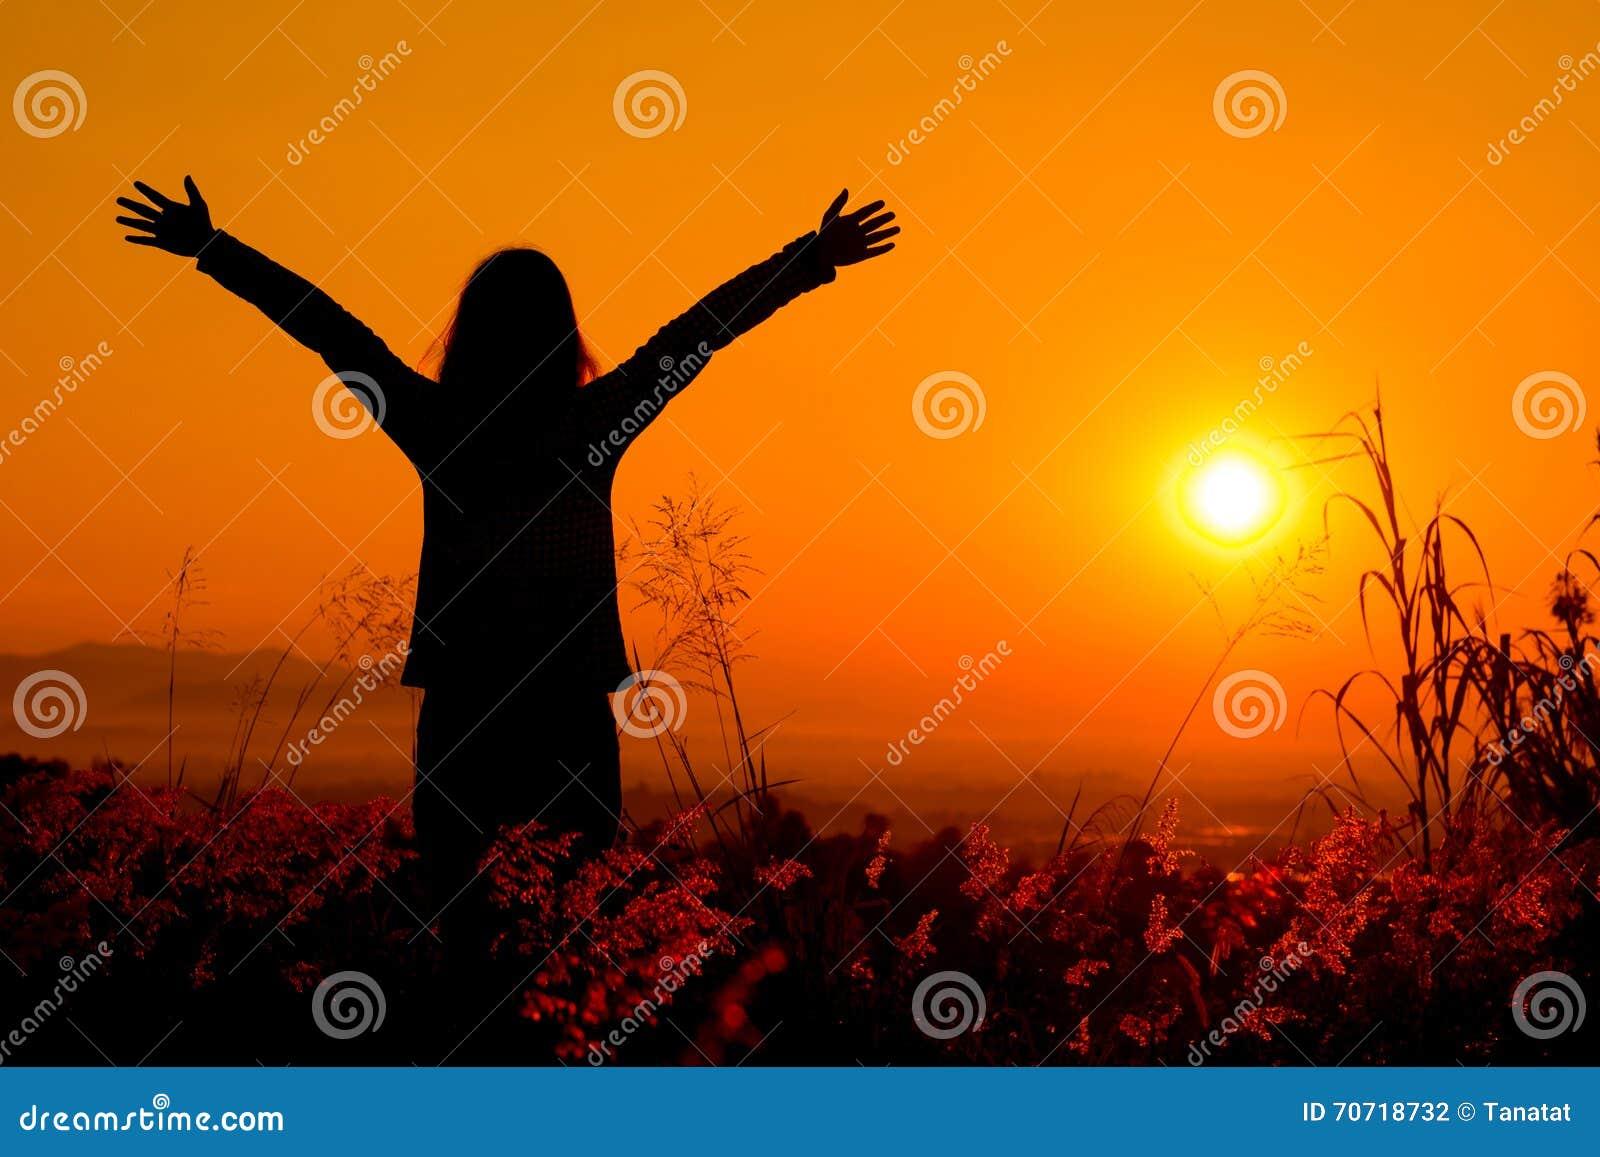 Nature Images 2mb: Free Happy Woman Enjoying Nature Sunset. Freedom